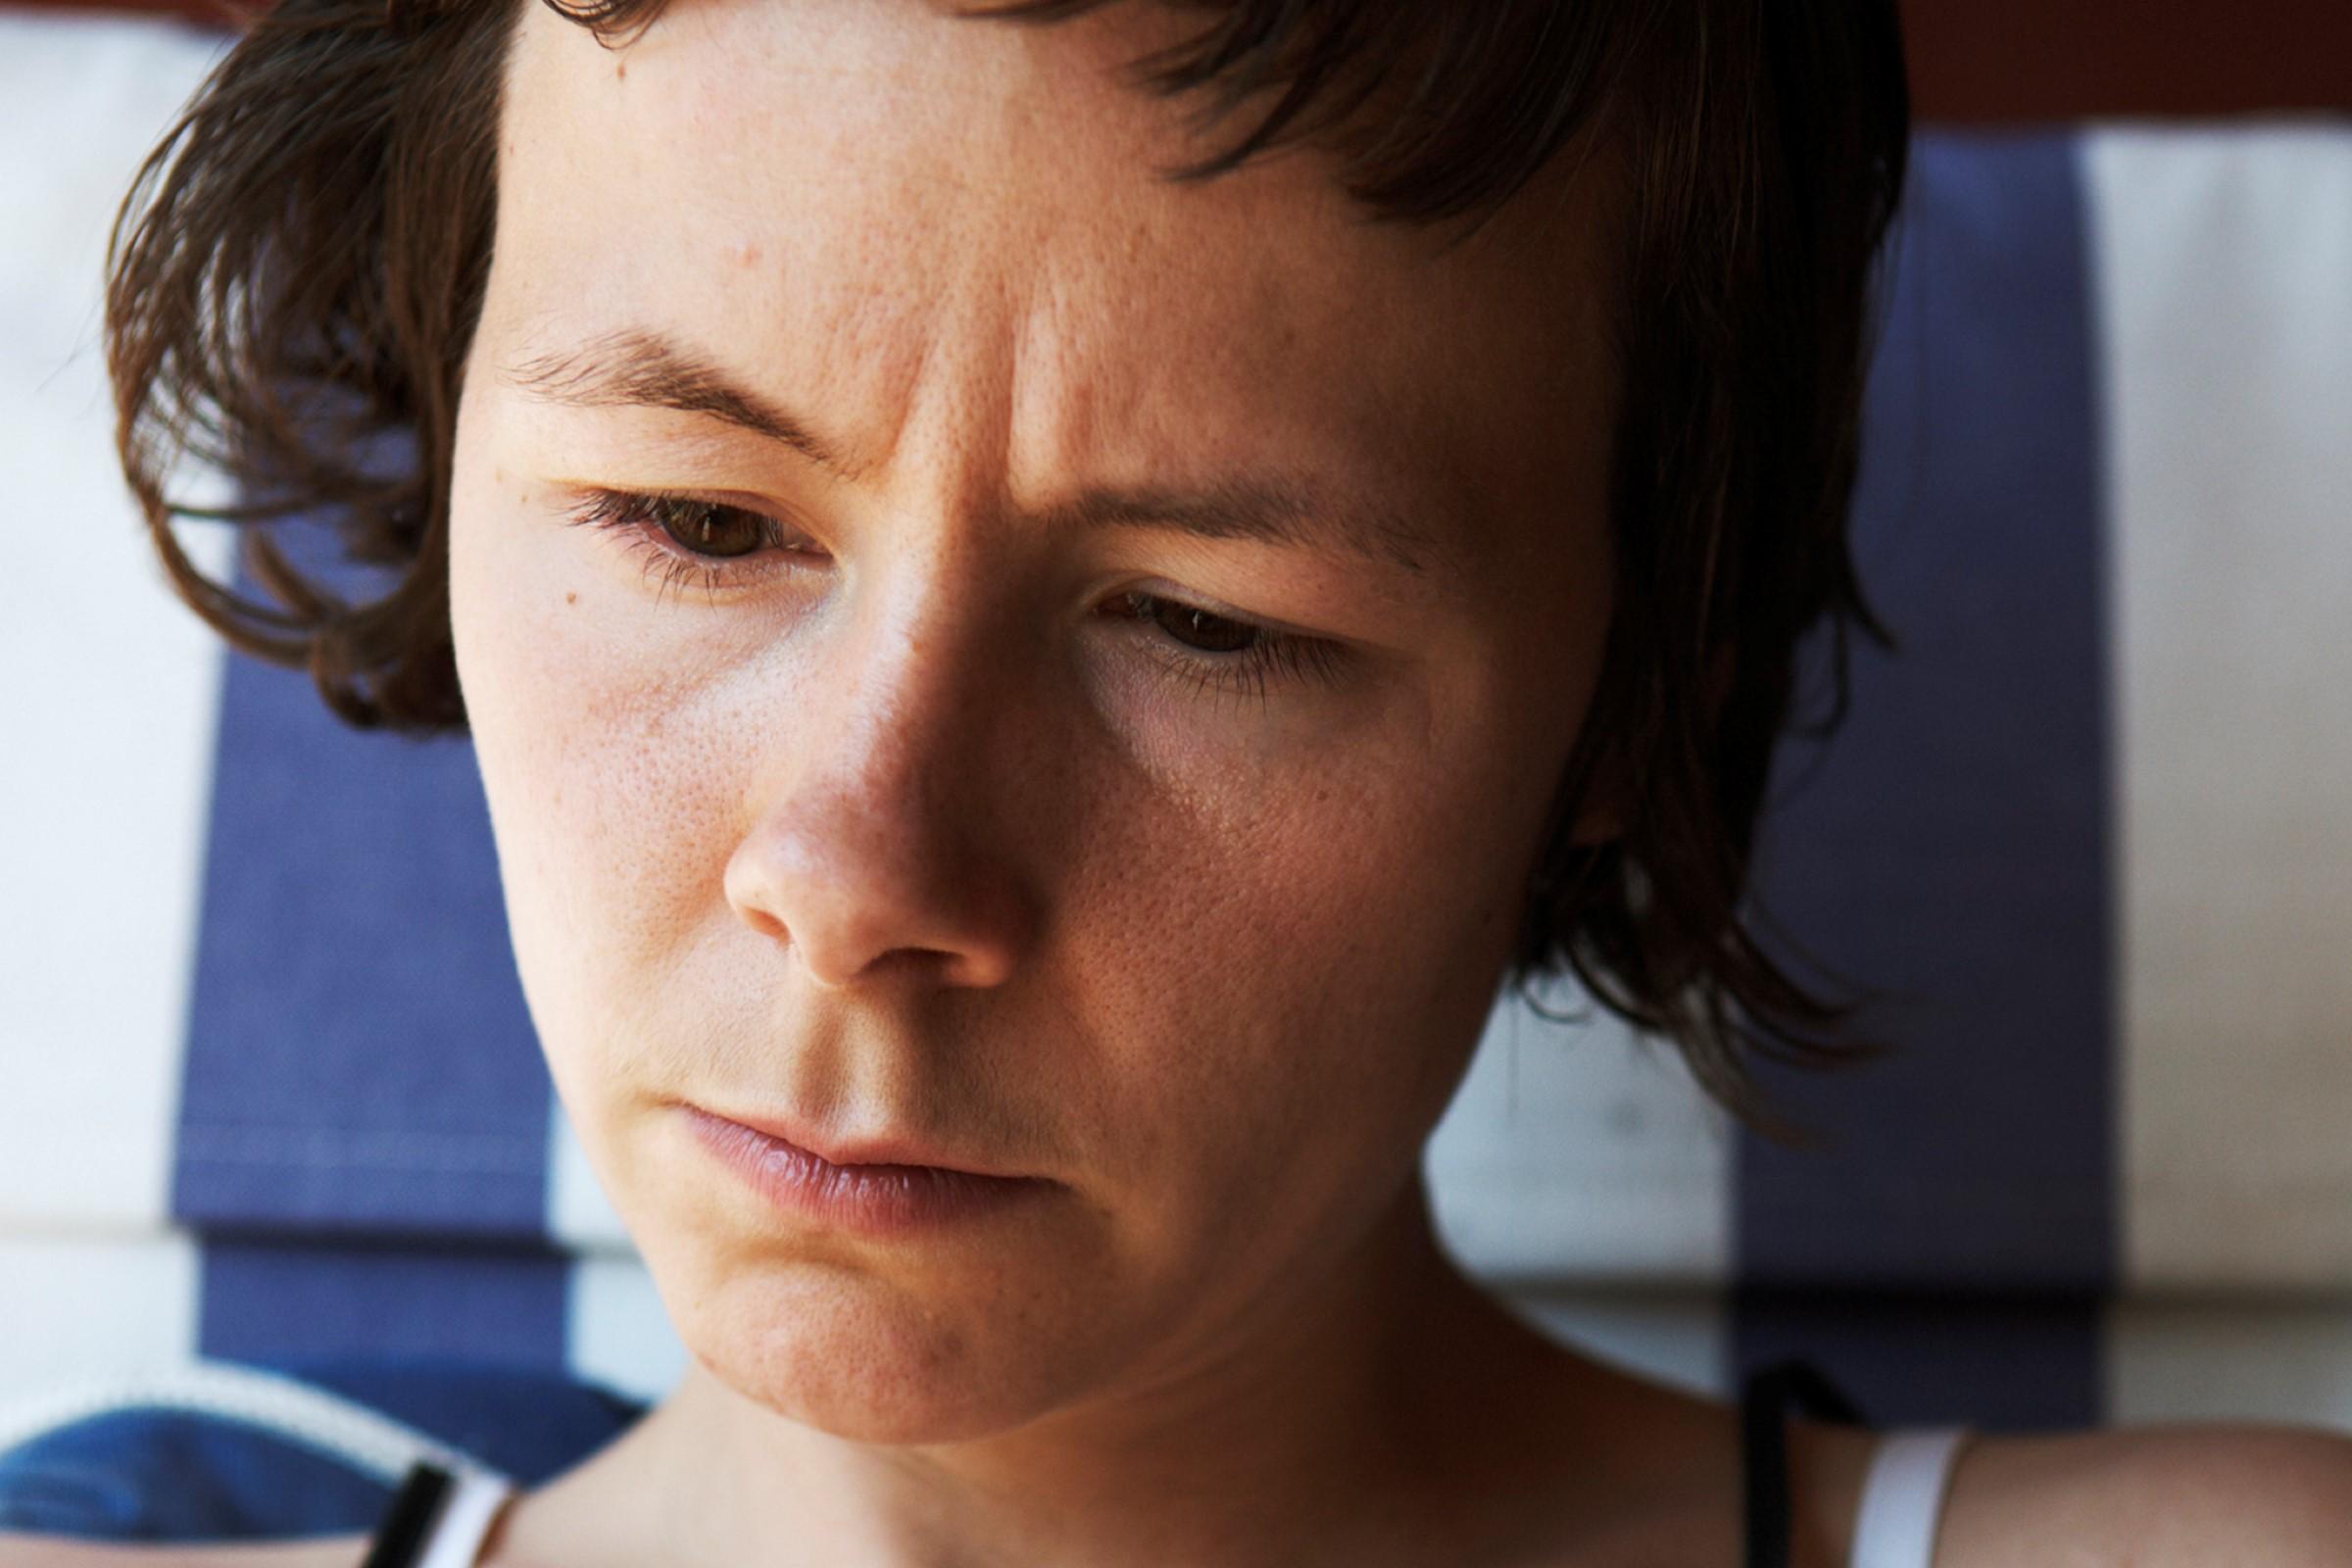 Rusproblemer er vanlig blant mennesker med psykiske problemer.